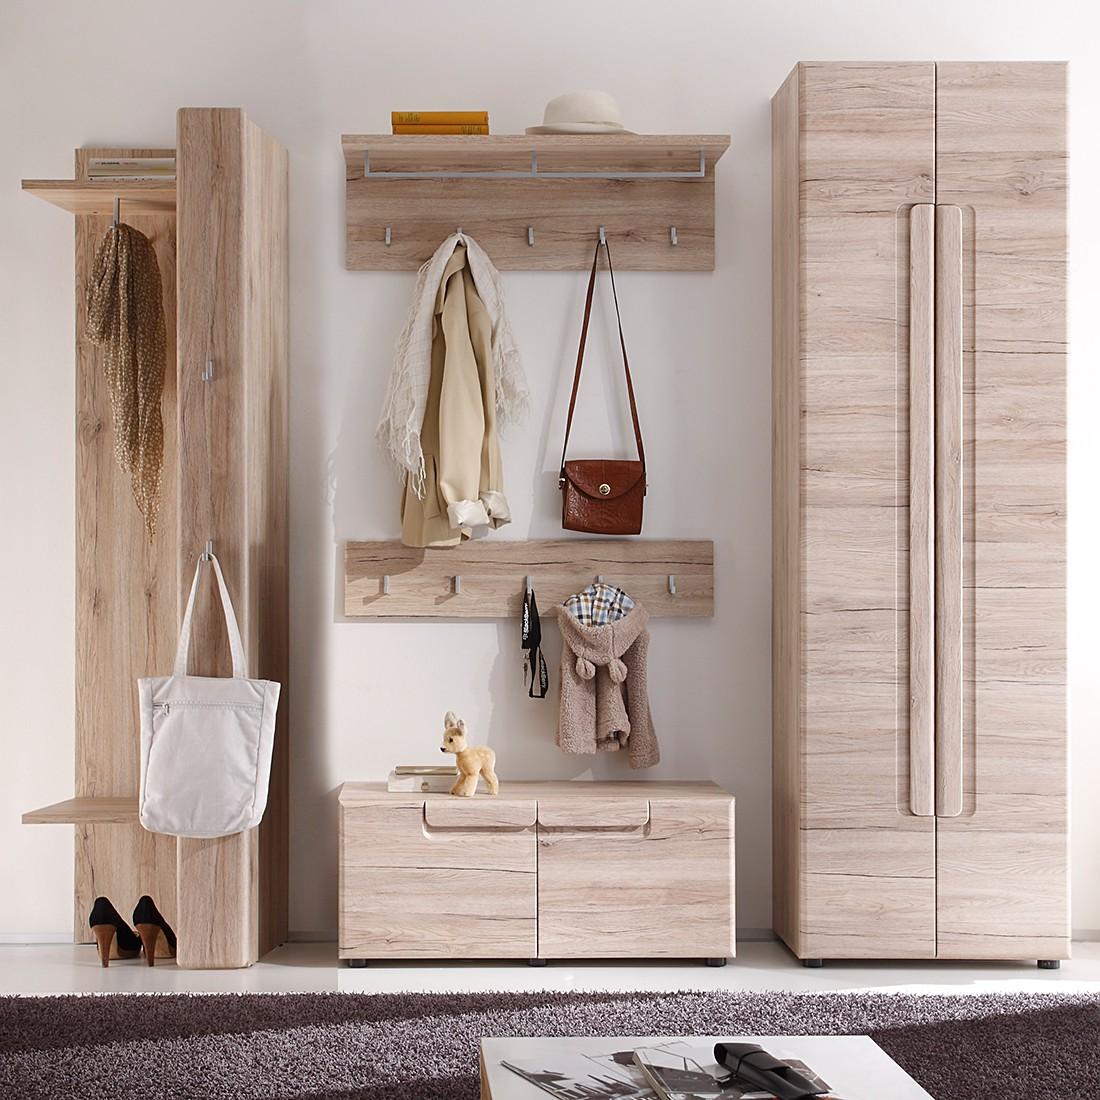 Garderobeset Giba (5-delige set) - San Remo eikenhouten look, Trendteam